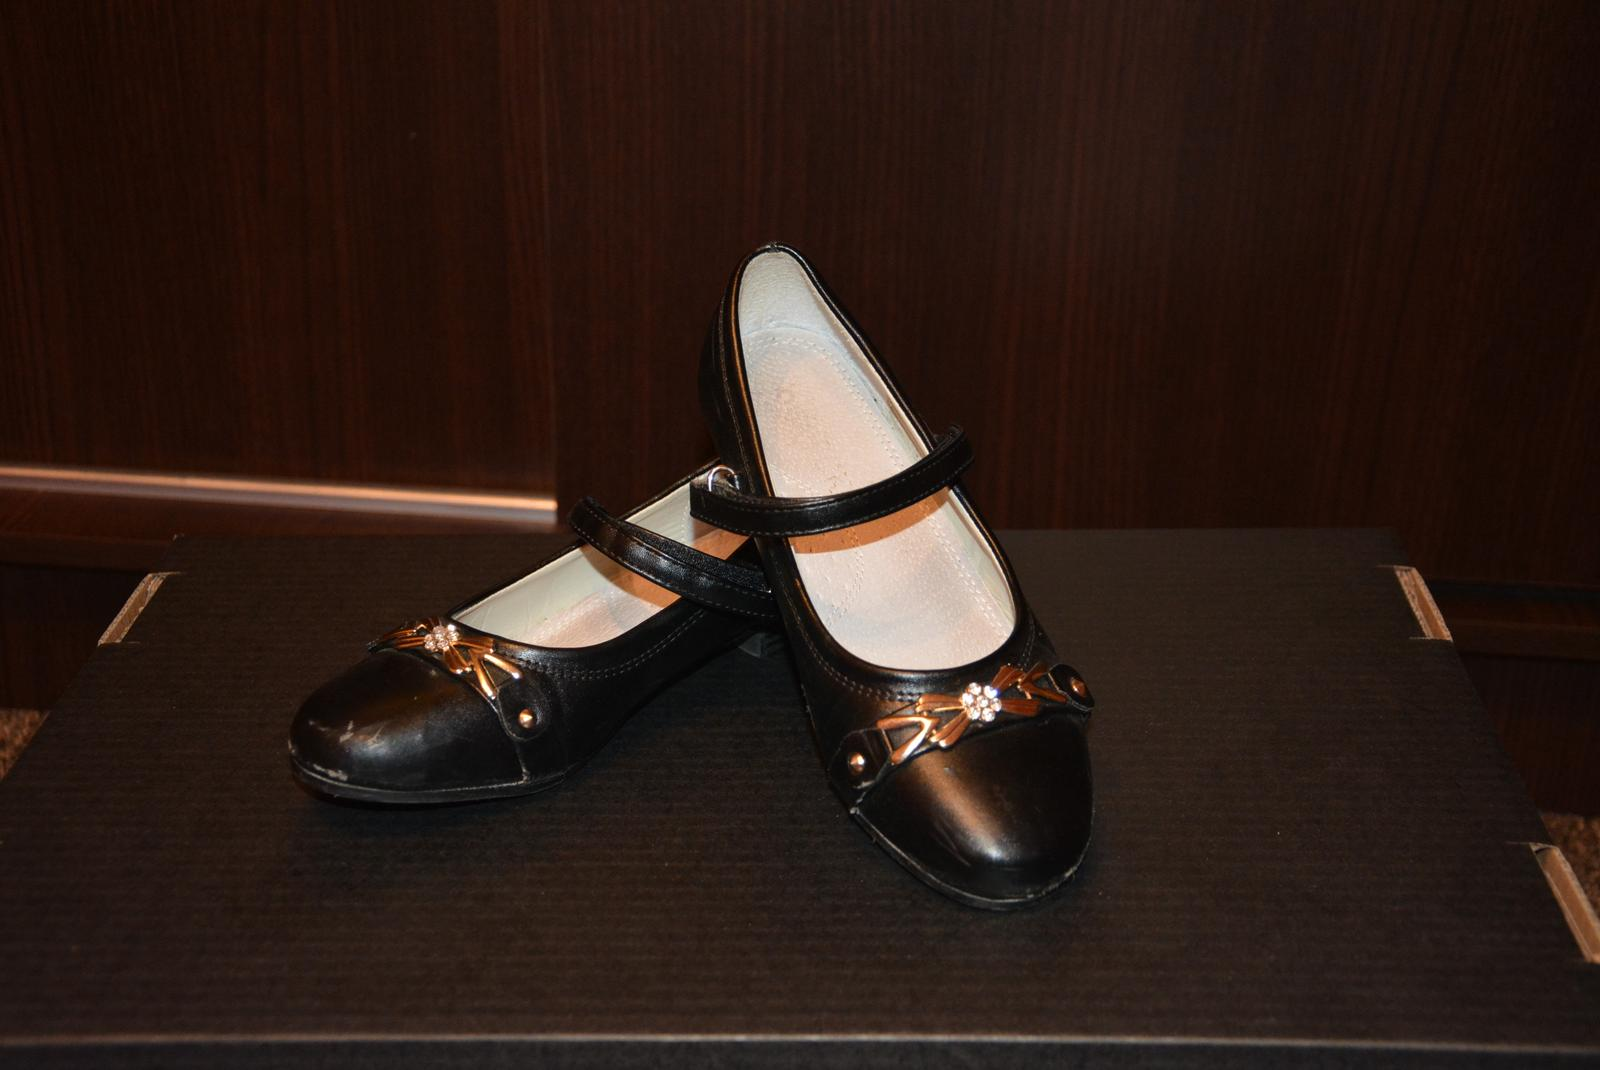 6c8a0cdb6c509 Dievčenske spoločenské topánky, 34 - 4 € | Svadobný bazár | Mojasvadba.sk